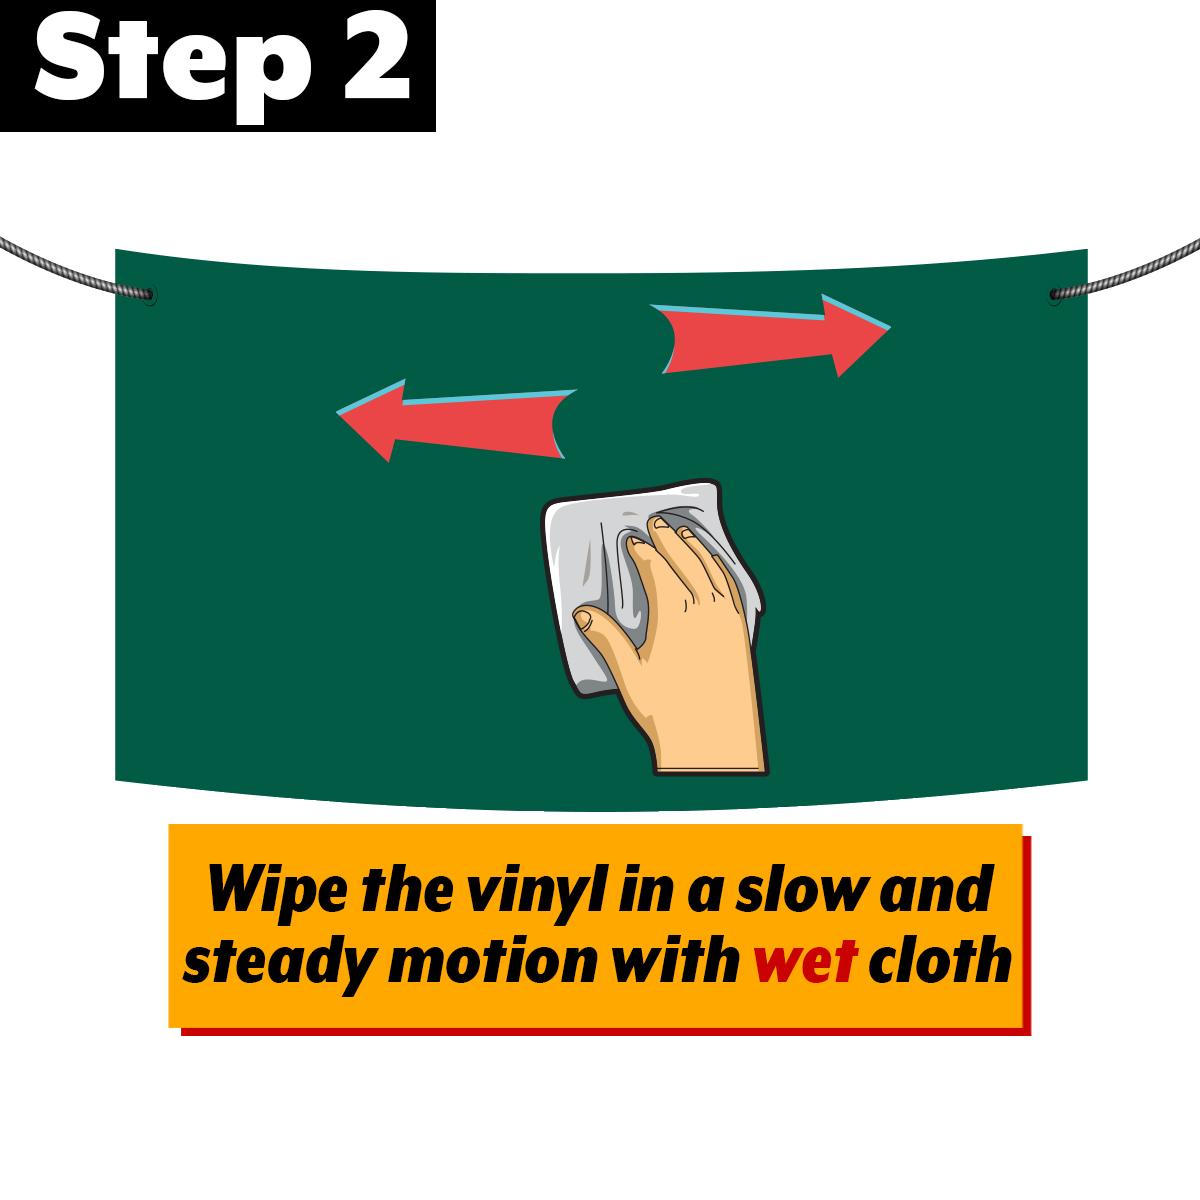 Vinyl - Step 2